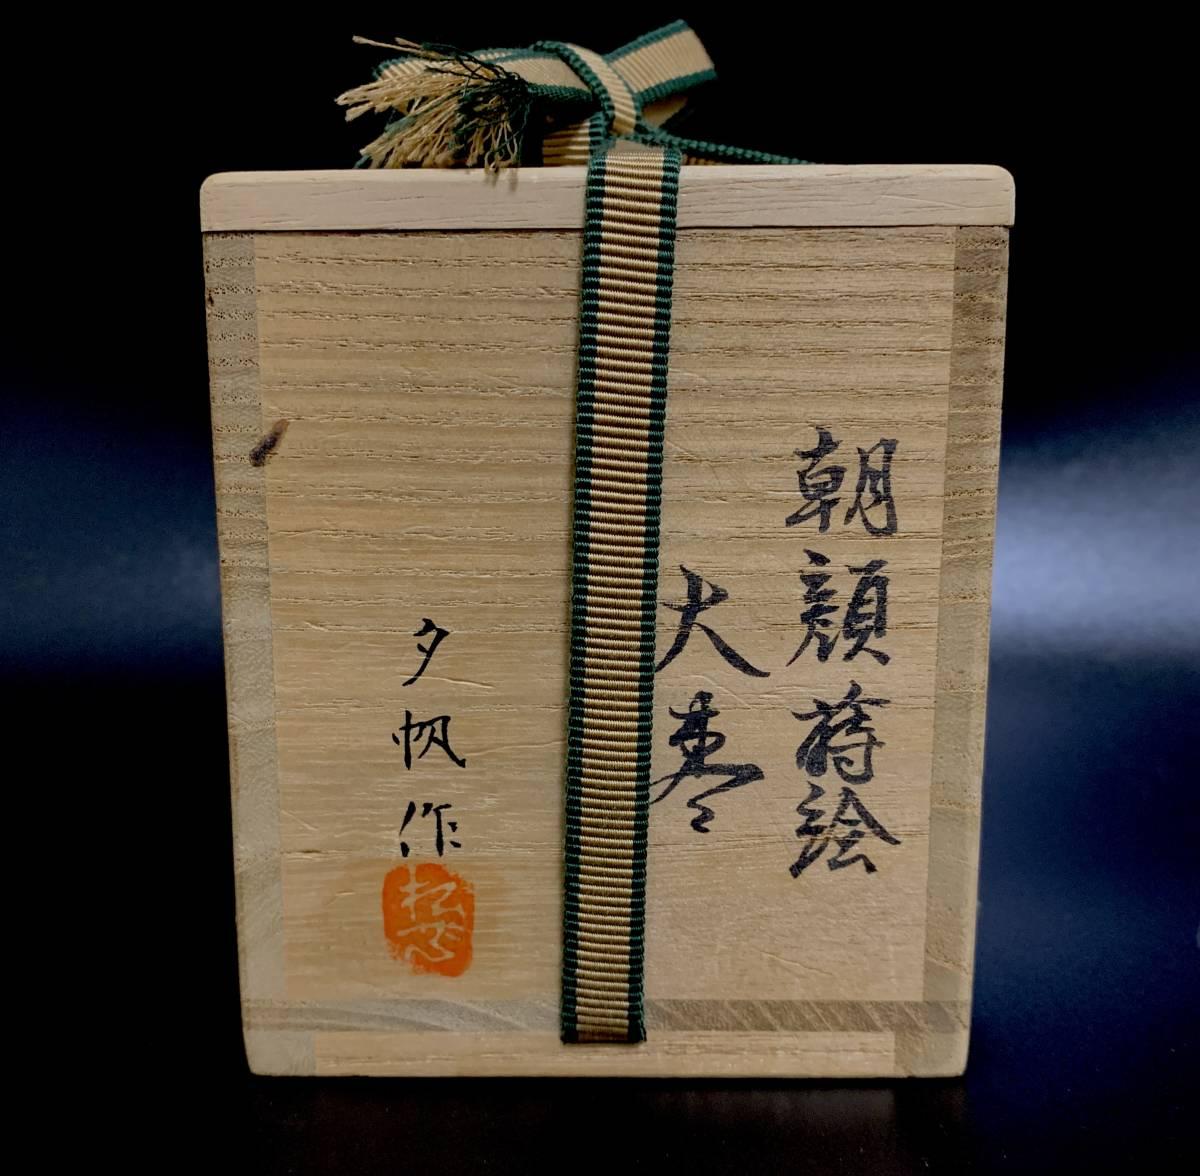 ◆坪井英憲(夕帆)作◆朝顔蒔絵 大棗 輪島塗 茶器 茶道具 共箱付き 伝統工芸品_画像7